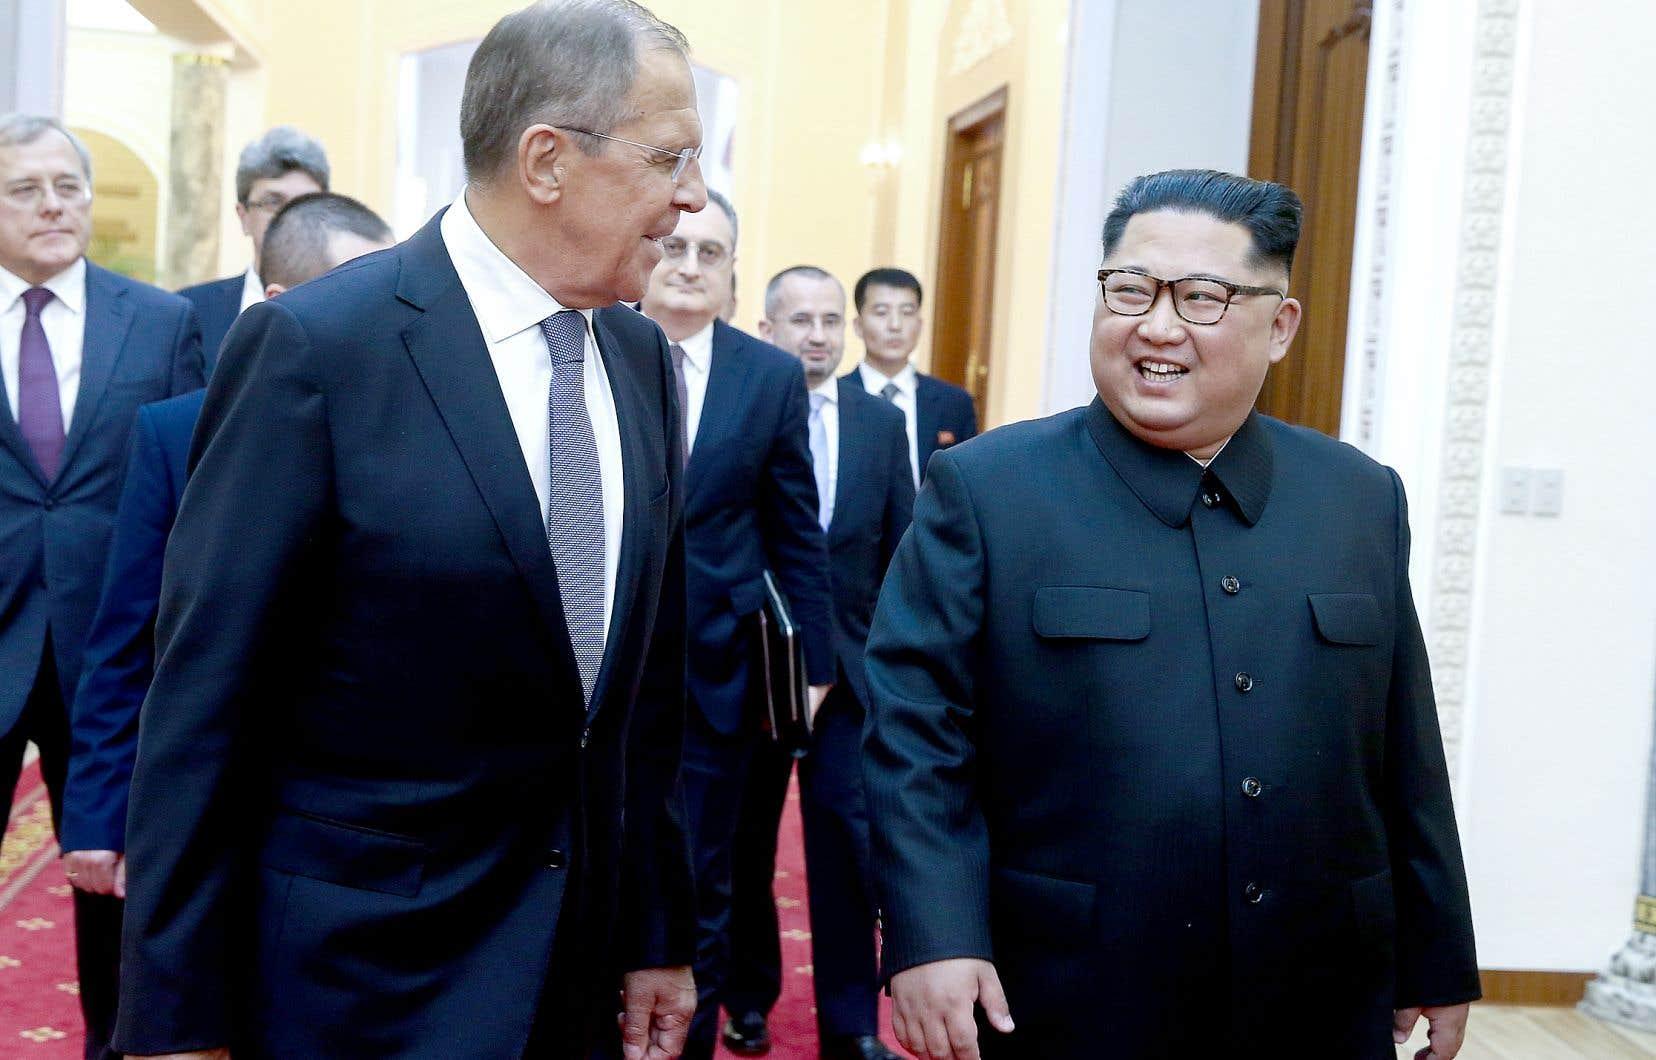 Le leader nord-coréen, Kim Jong-un (à droite), avait rencontré en mars 2018 le chef de la diplomatie russe, Sergueï Lavrov.